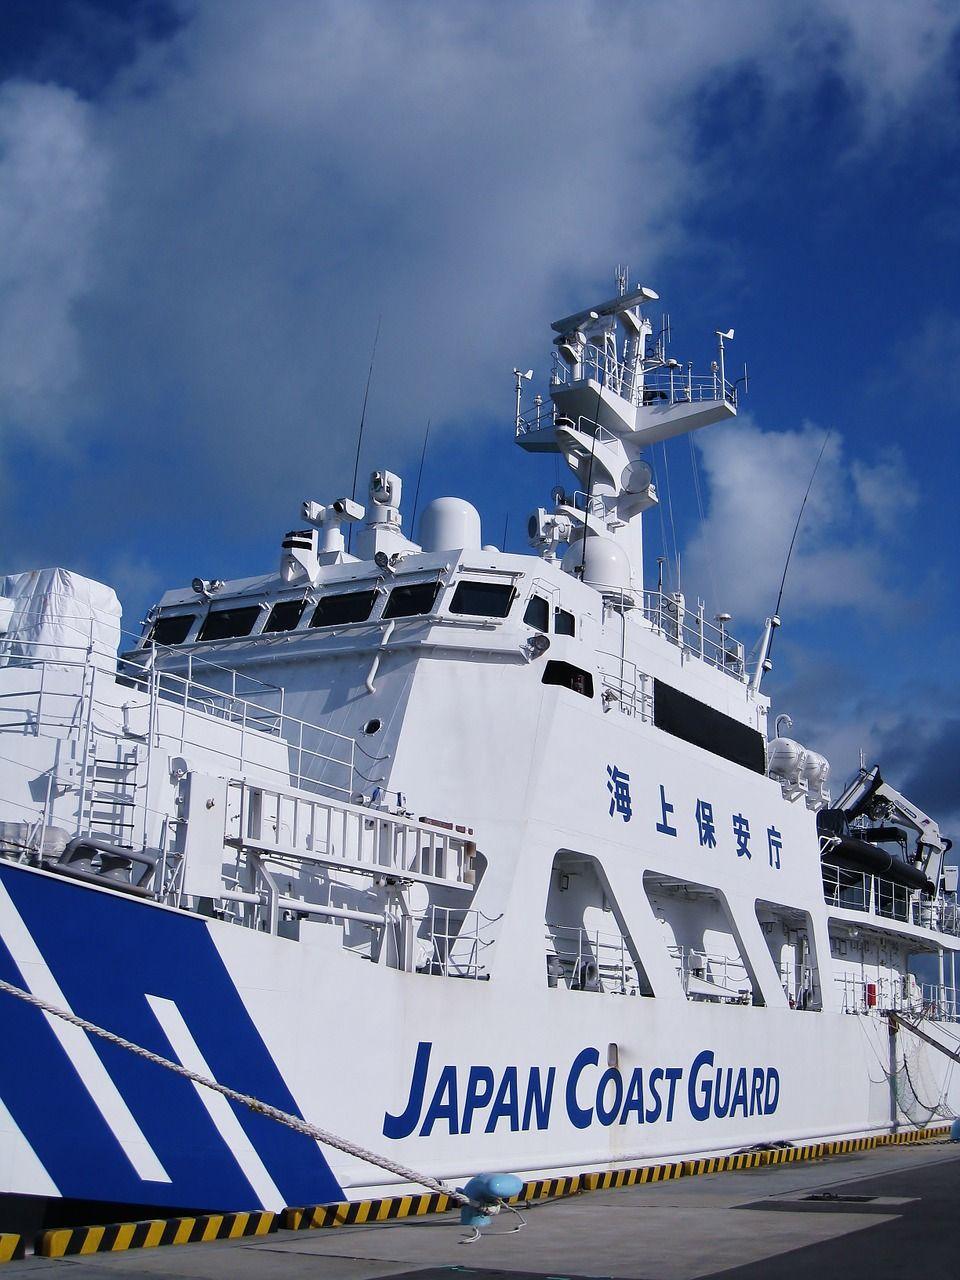 Boat, Patrol Boats, Okinawa, Ishigaki boat, patrolboats